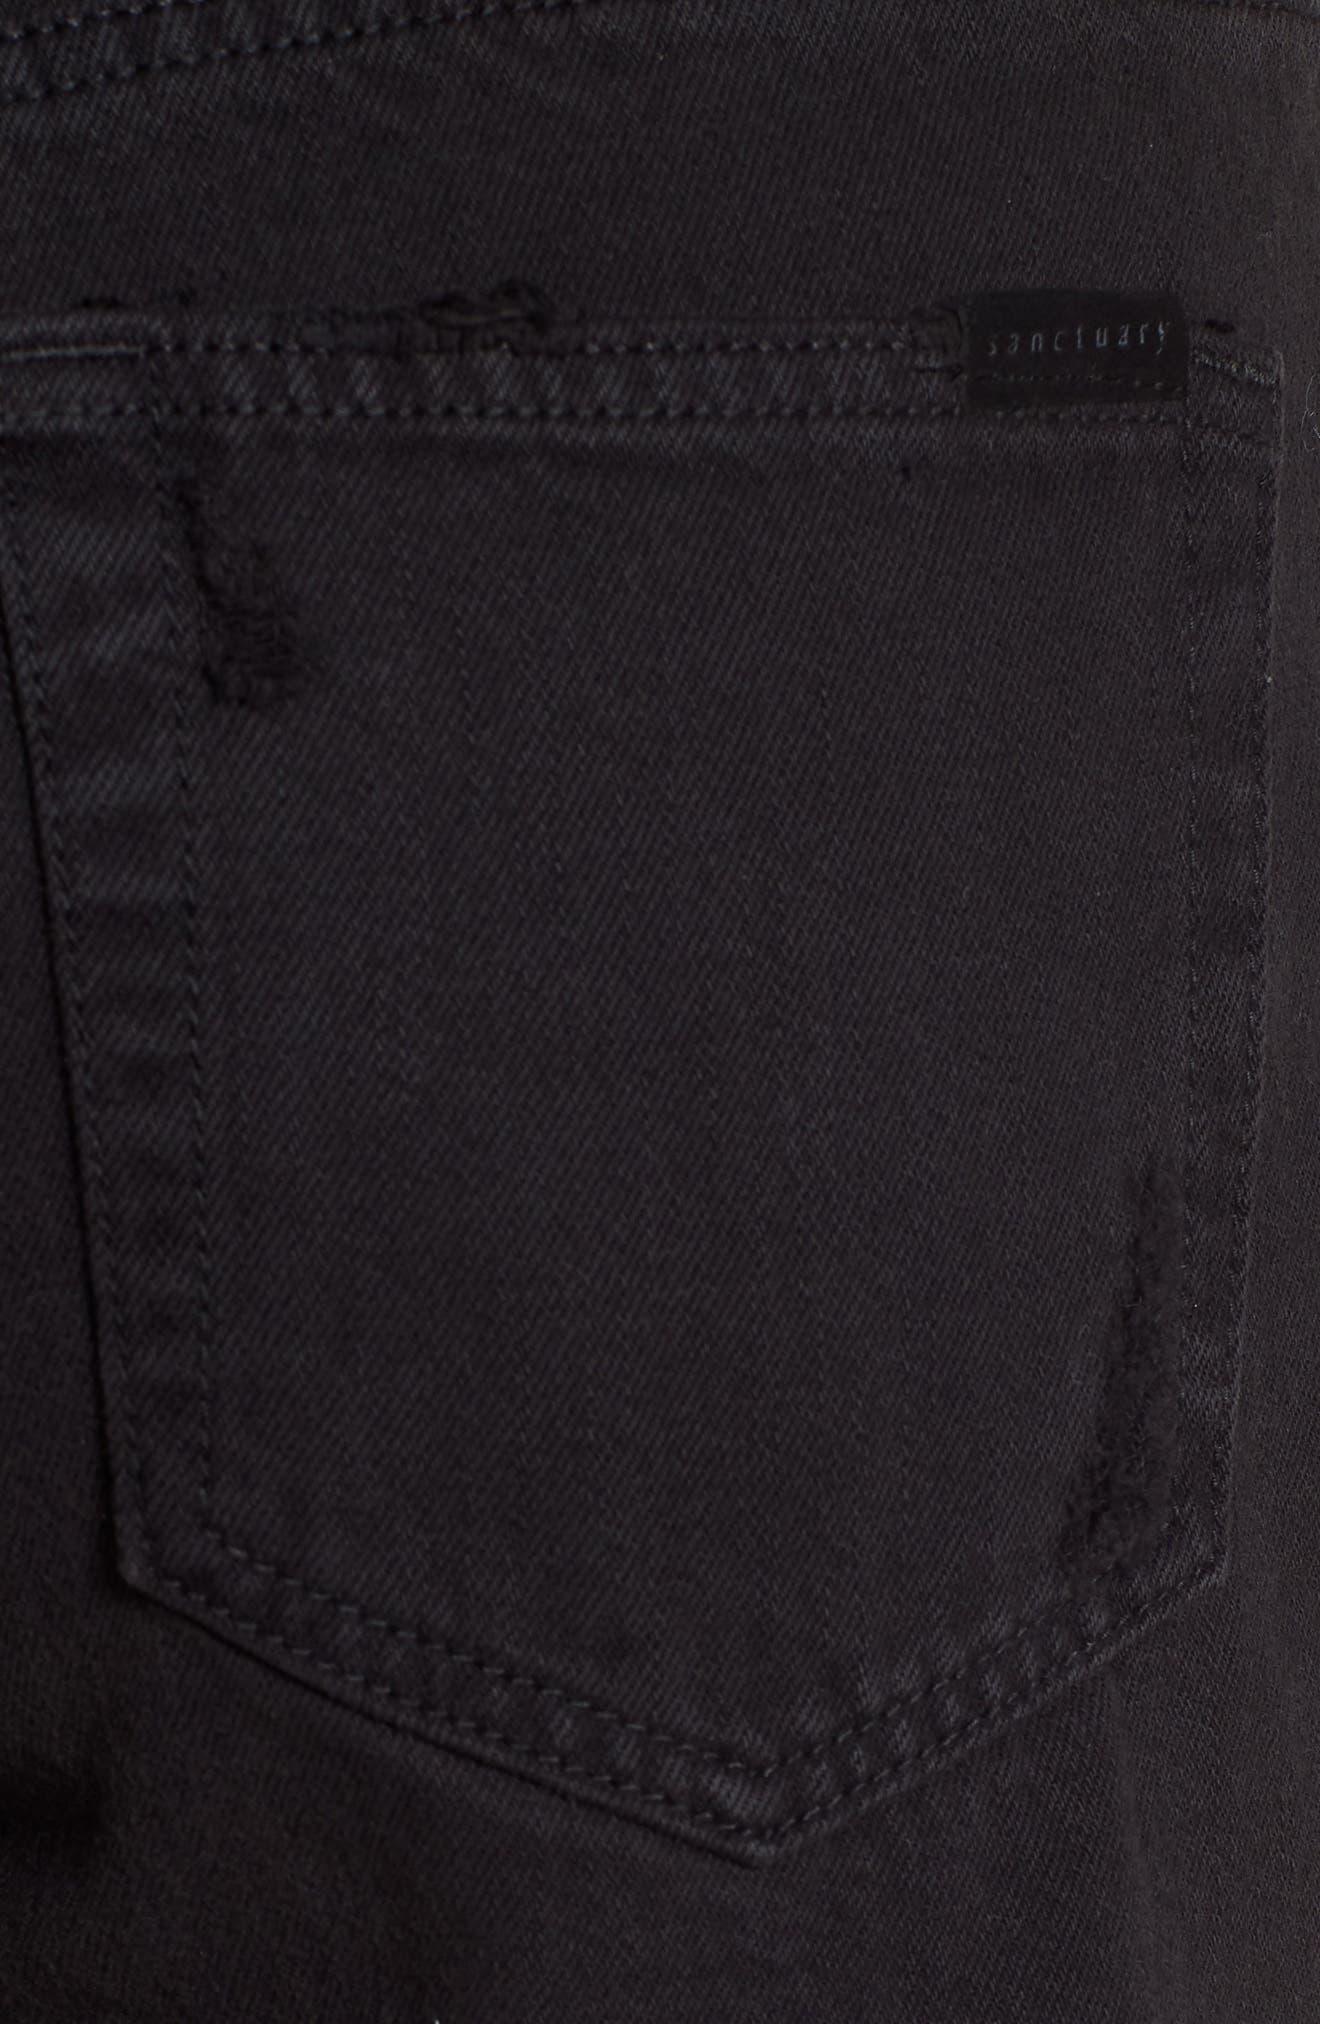 Black Midi Fray Shorts,                             Alternate thumbnail 4, color,                             Faded Black